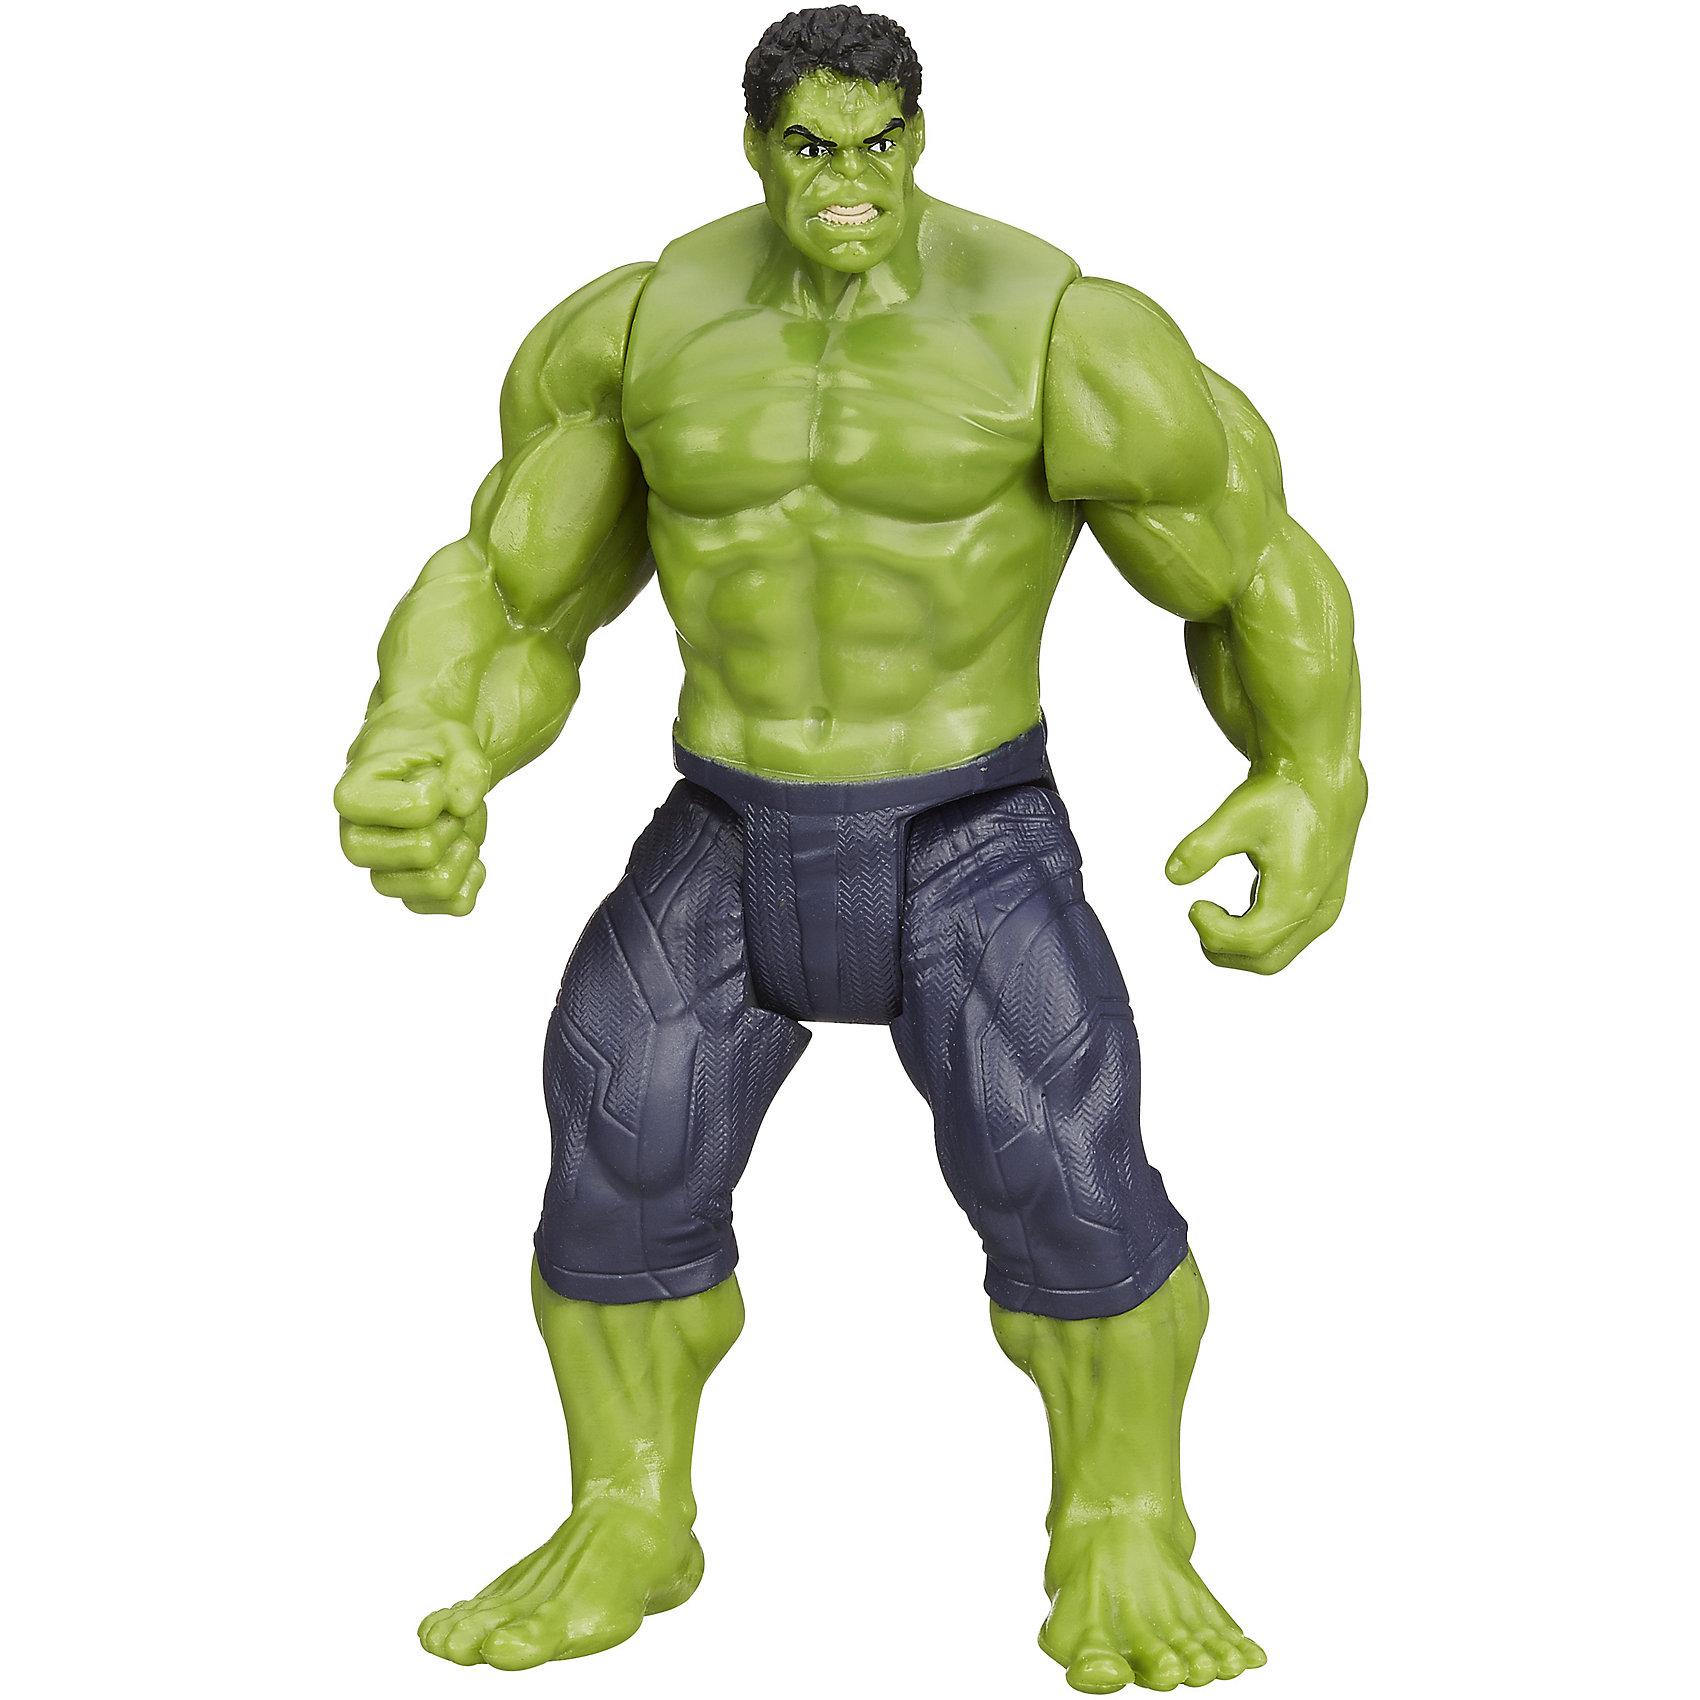 Фигурки Мстителей, 9,5 см., B0437/B0979Фигурки Мстителей, 9,5 см., в ассортименте – эта фигурка приведет в восторг любого мальчишку! Фигурка «Мстители», выполненная из высококачественной пластмассы, представляет собой копию известного супергероя из мира Marvel. Фигурка имеет подвижную голову, ноги и руки, а также точную детальную проработку, которая просто поражает. Ваш малыш может выбрать любую из фигур четырех титанов. Капитан Америка – патриотический герой со щитом, окрашенным в цвета флага США. Неуязвимый железный человек в металлических доспехах с оружием. Невероятный зеленый Халк-гигант, имеющий супер способности и невероятную силу. И последняя мифическая фигурка – это скандинавский Тор, вооруженный молотом.  Дополнительная информация:  - В наборе: 1 фигурка - В ассортименте 4 фигурки: Капитан Америка, Железный Человек, Халк, Тор - Высота фигурки: 9,5 см. - Материал: пластмасса - Размер упаковки: 4 x 18 x 13 см. - ВНИМАНИЕ! Данный артикул представлен в разных вариантах исполнения. К сожалению, заранее выбрать определенный вариант невозможно. При заказе нескольких наборов возможно получение одинаковых  Фигурки Мстителей (Avengers) 9,5 см., в ассортименте можно купить в нашем интернет-магазине.<br><br>Ширина мм: 182<br>Глубина мм: 119<br>Высота мм: 40<br>Вес г: 82<br>Возраст от месяцев: 48<br>Возраст до месяцев: 96<br>Пол: Мужской<br>Возраст: Детский<br>SKU: 4803363